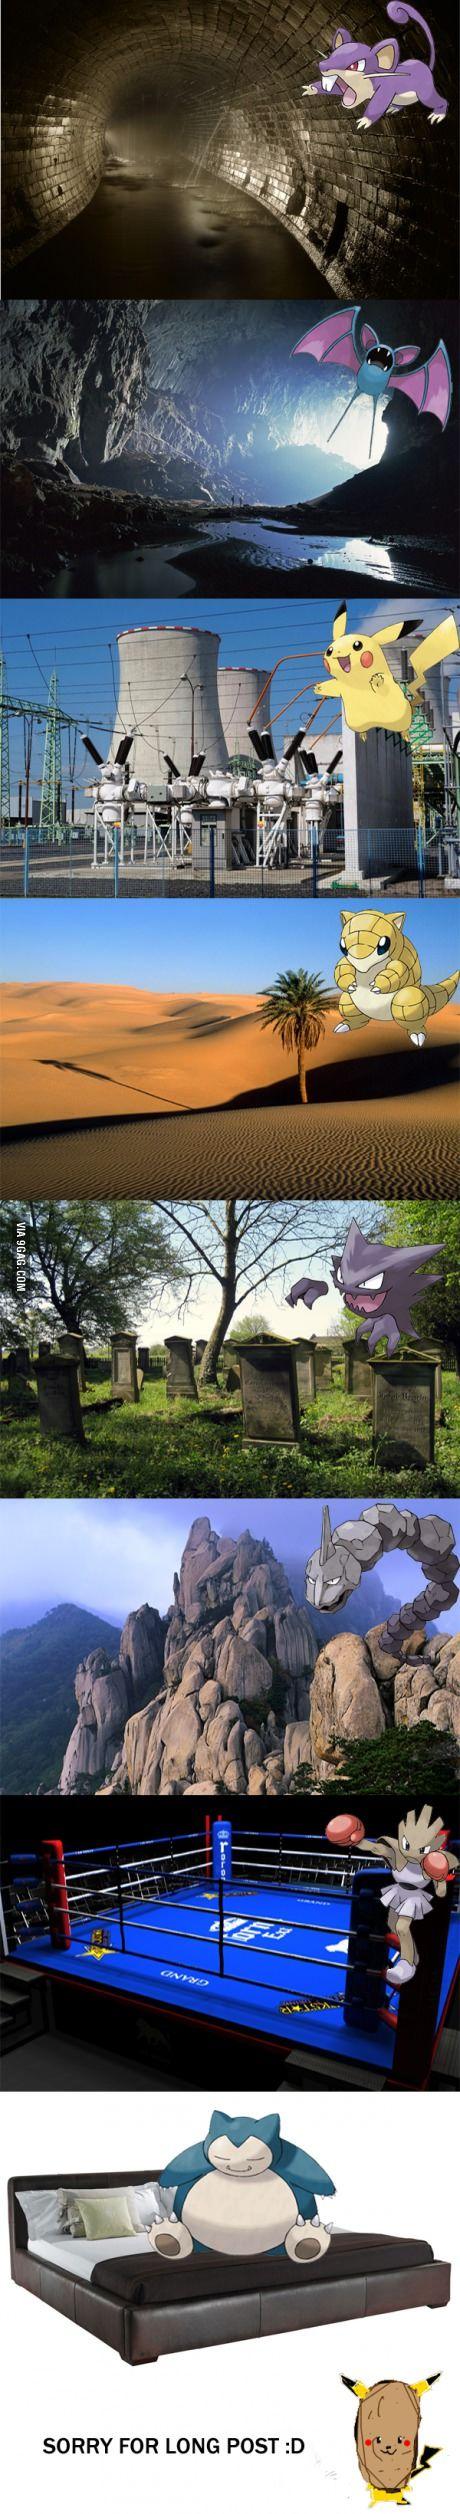 Pokemon GO location guide